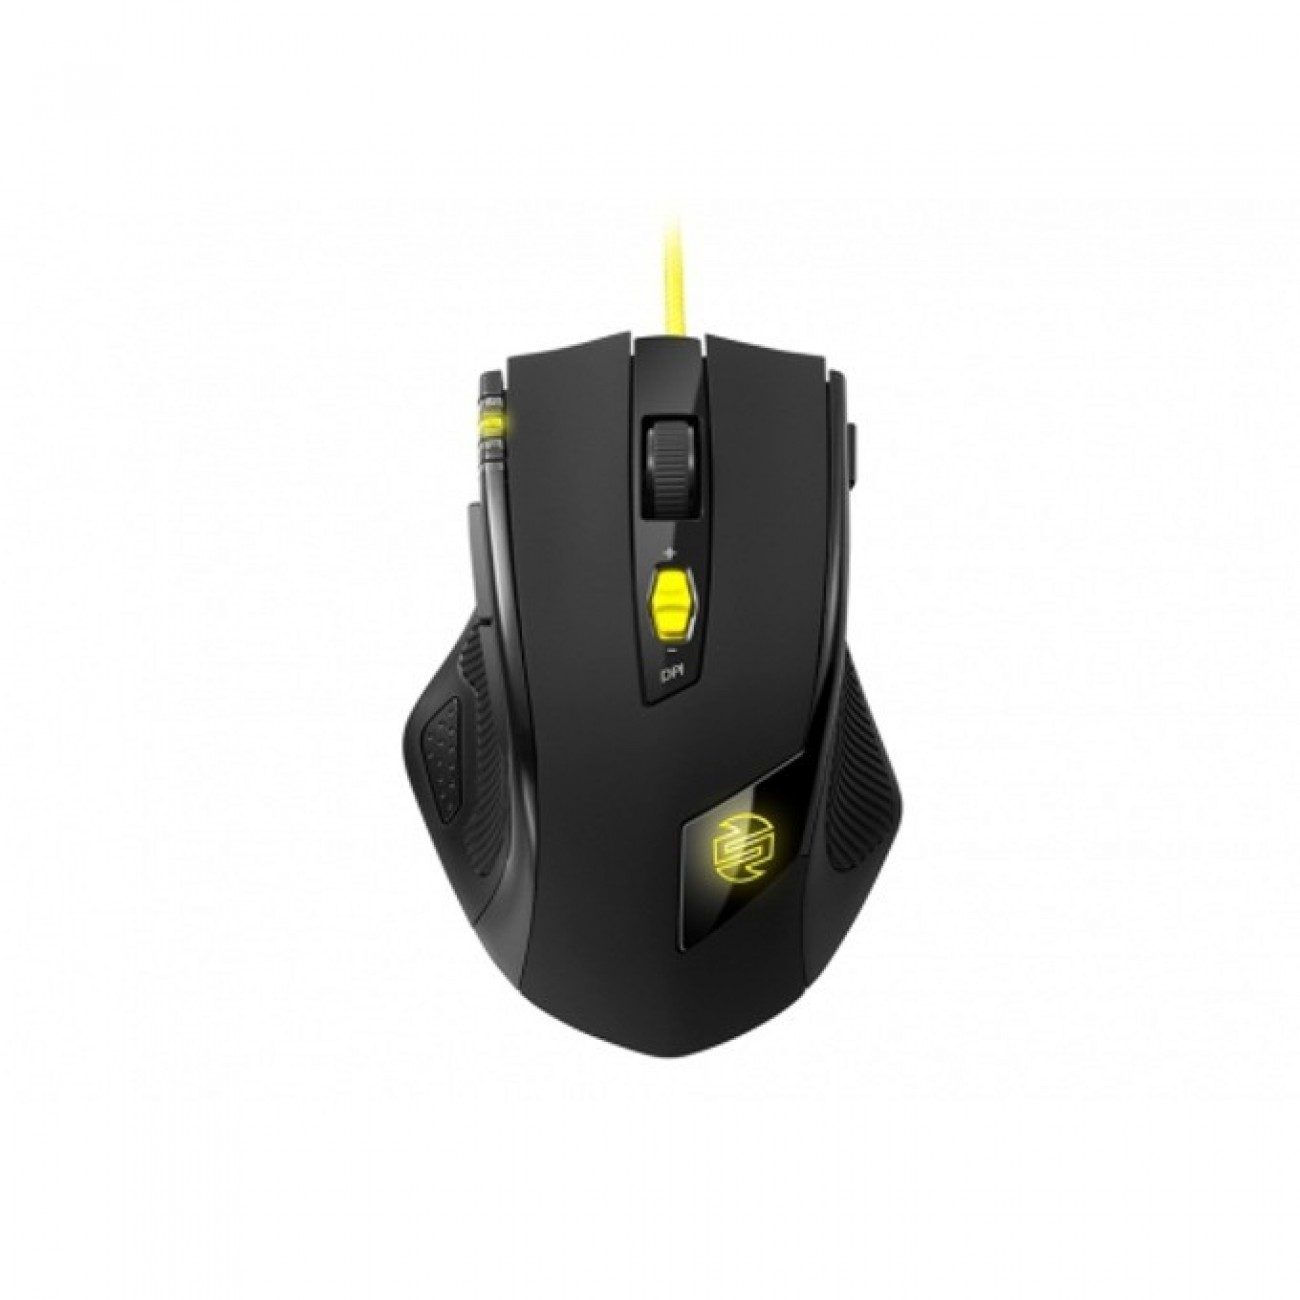 Мишка Sharkoon SHARK Zone M51+, оптична (8200dpi), 11 бутона, USB, черна с жълти части в Мишки -  | Alleop